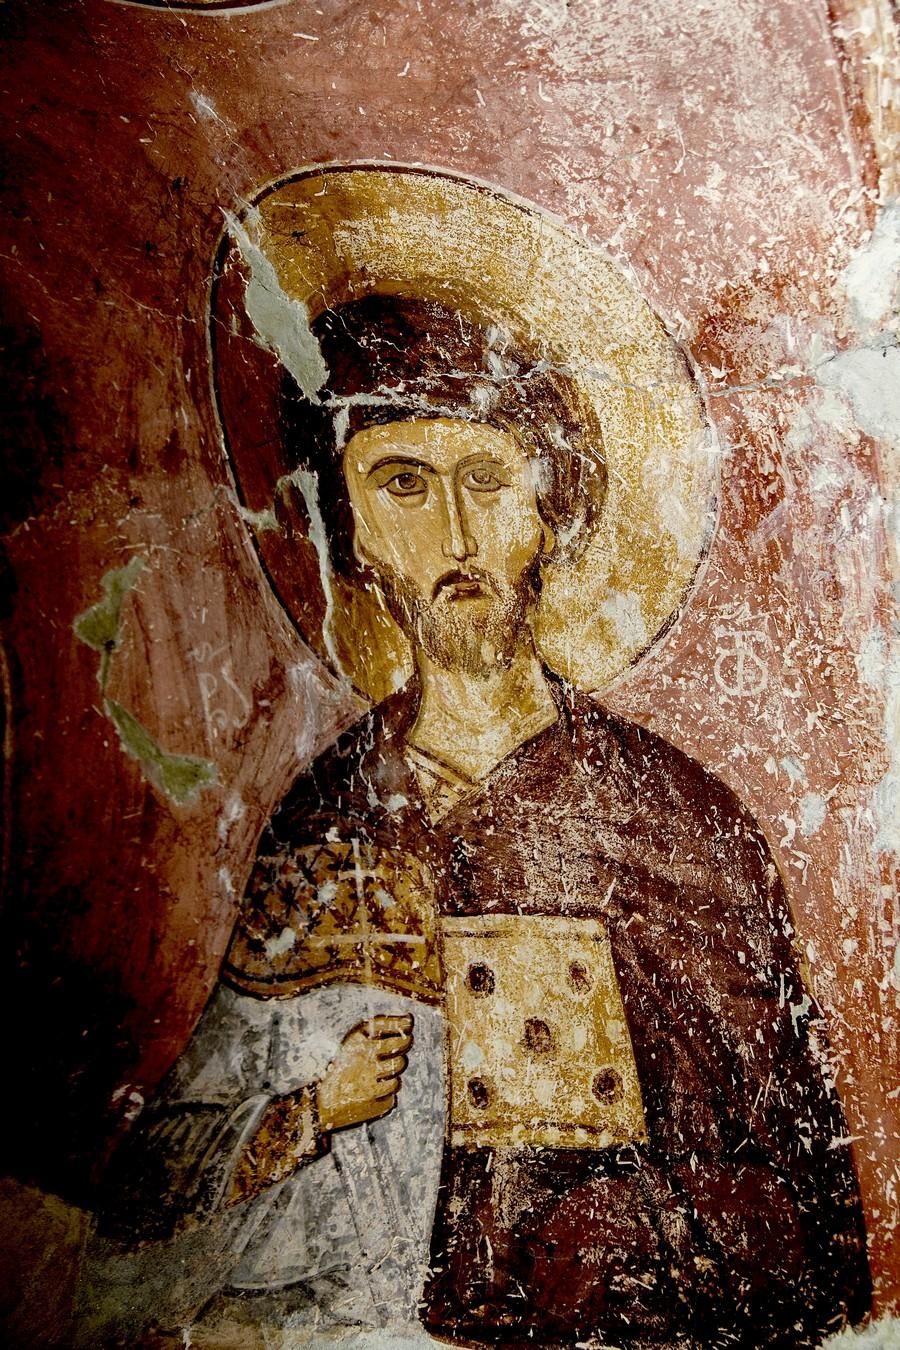 Святой Мученик Давид, Князь Арагветский. Фреска церкви Распятия Господня в Сори, Грузия. Начало XIV века.